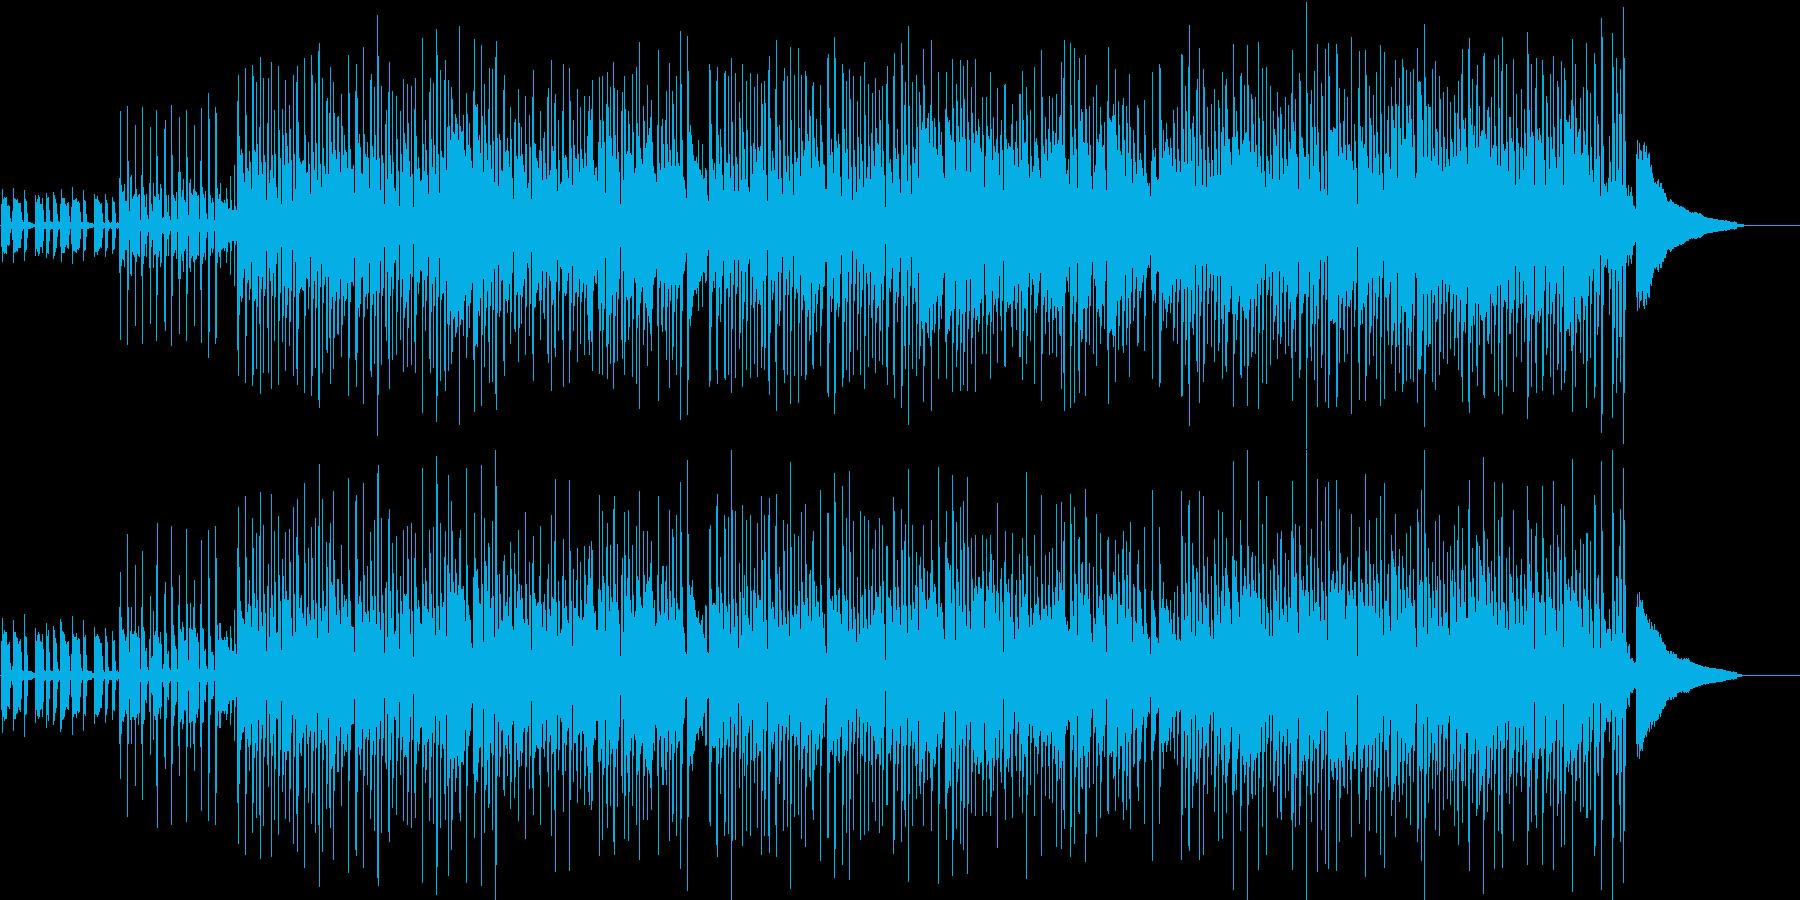 ■ボサノバ風・朝・さっぱり・ギター・優雅の再生済みの波形